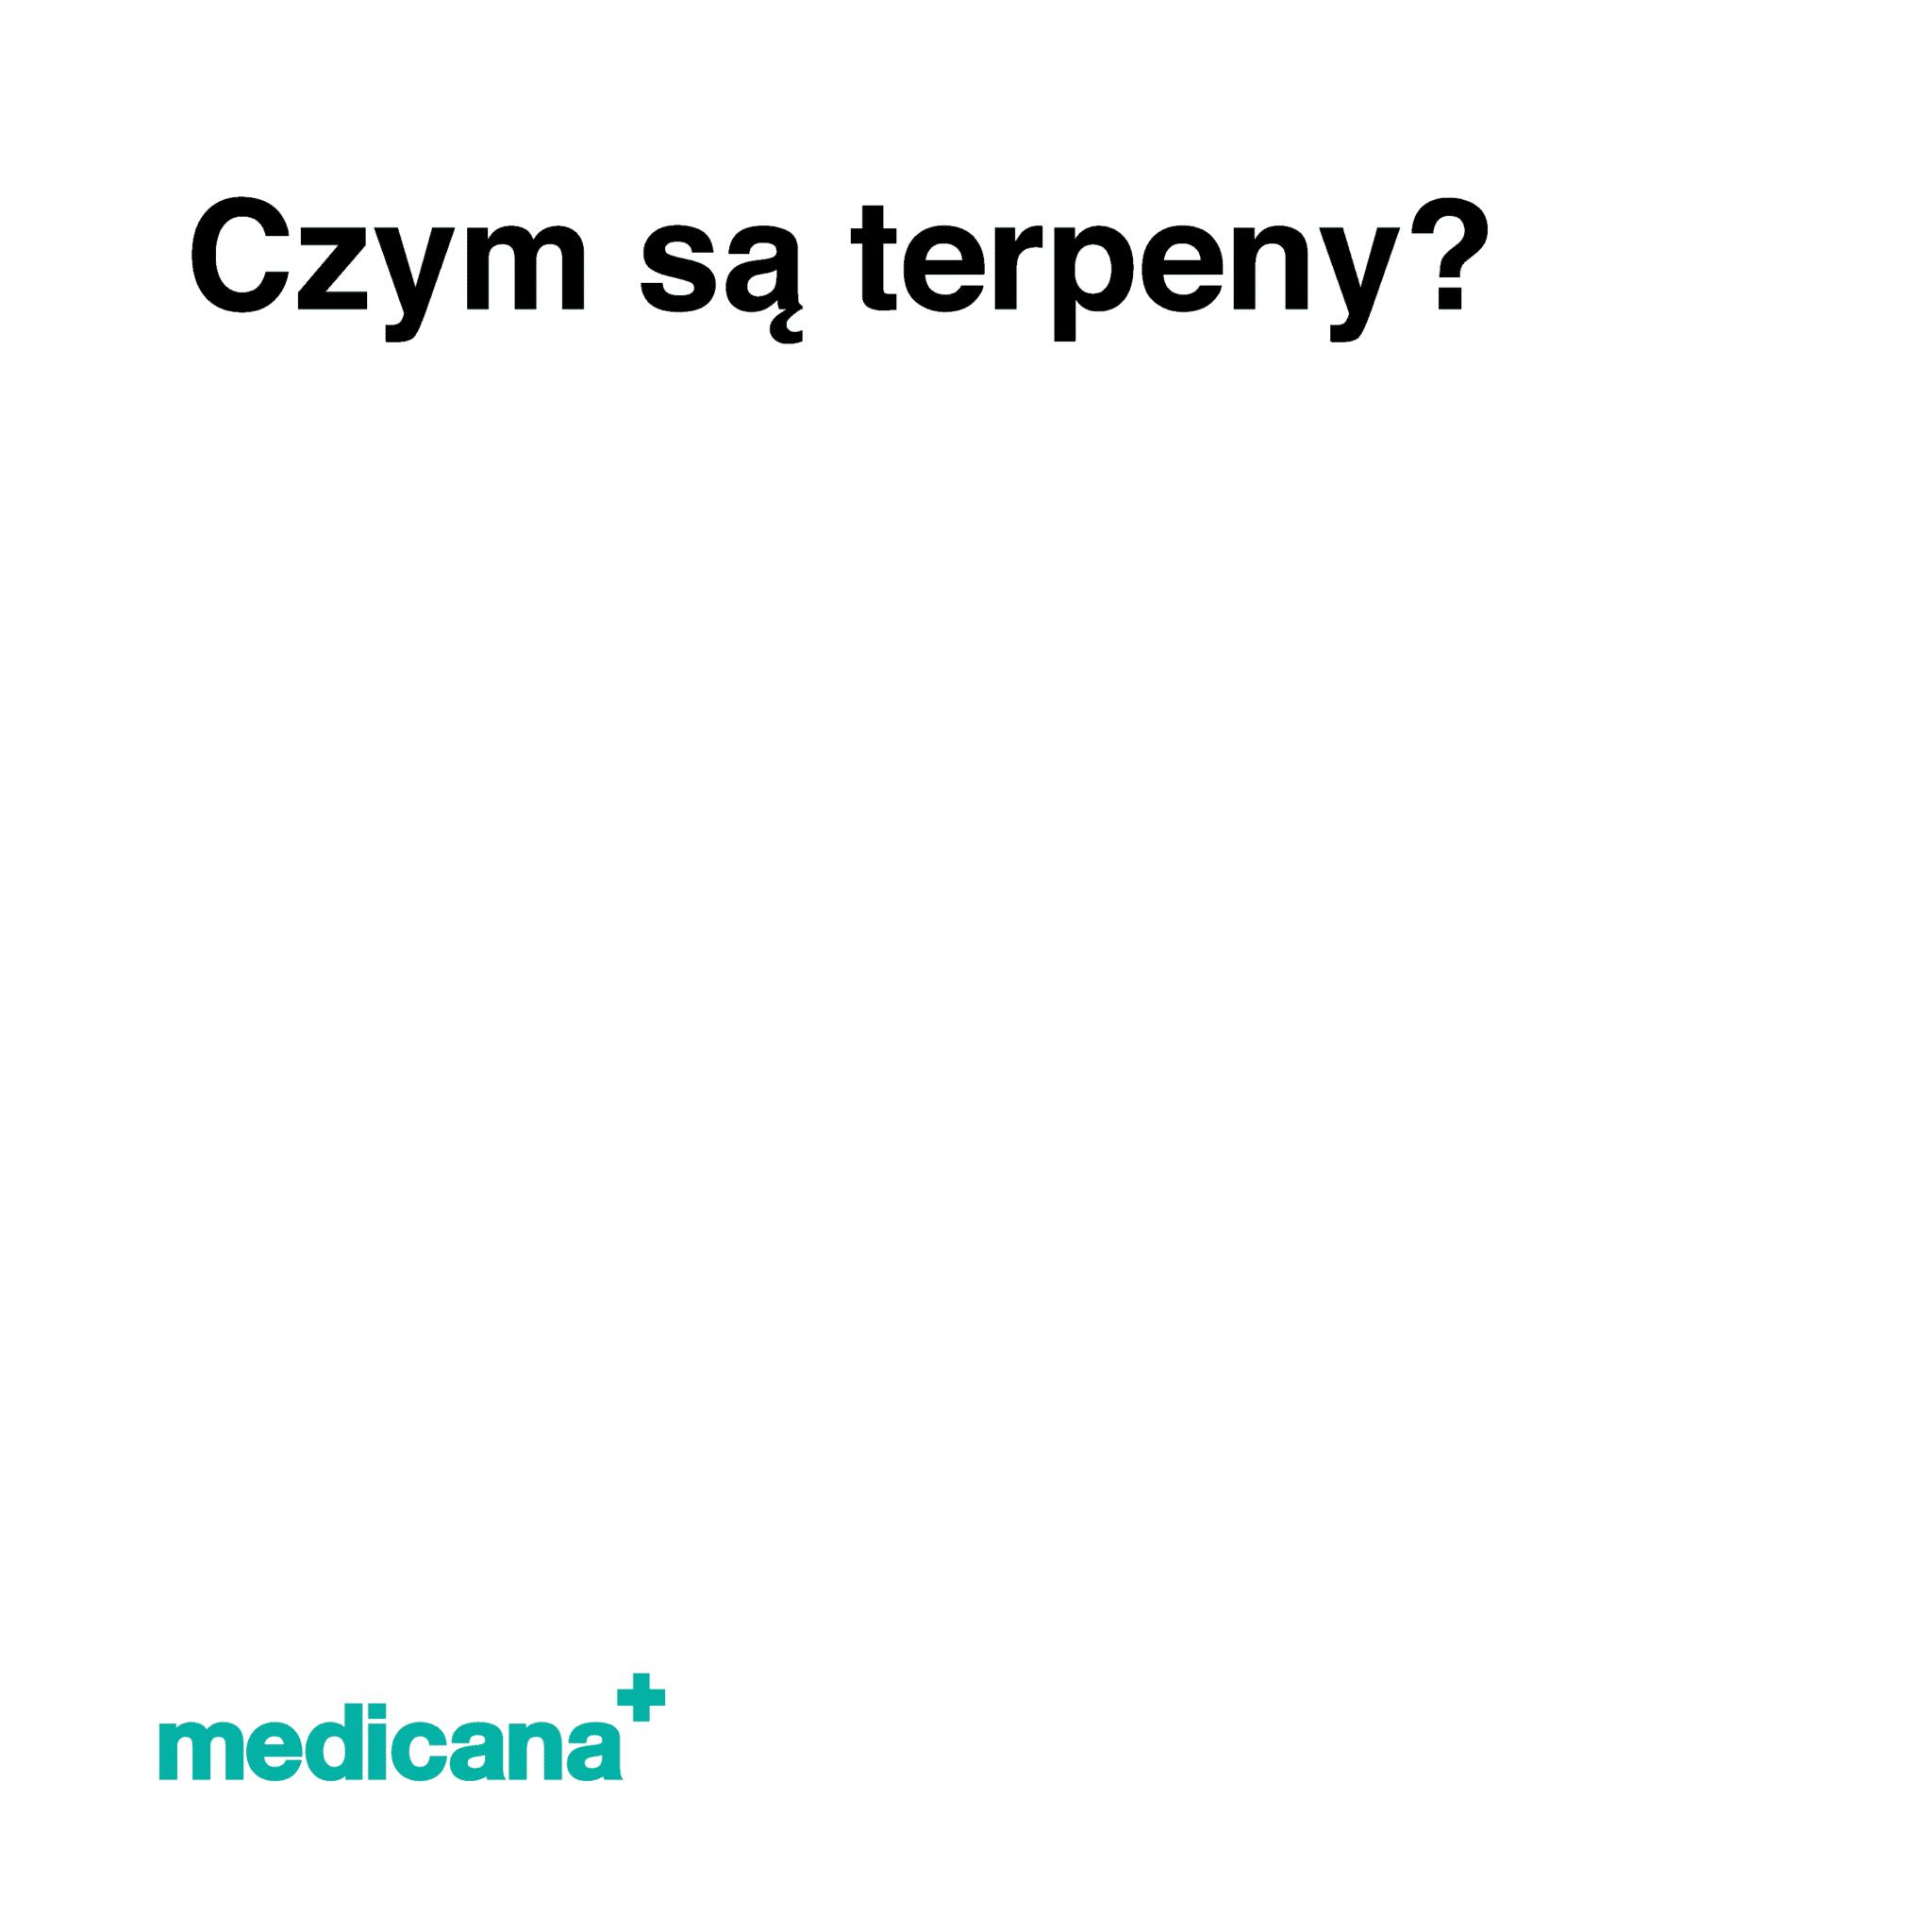 Grafika, białe tło z czarnym napisem Czym są terpeny? oraz zielonym logo Medicana w lewym dolnym rogu.